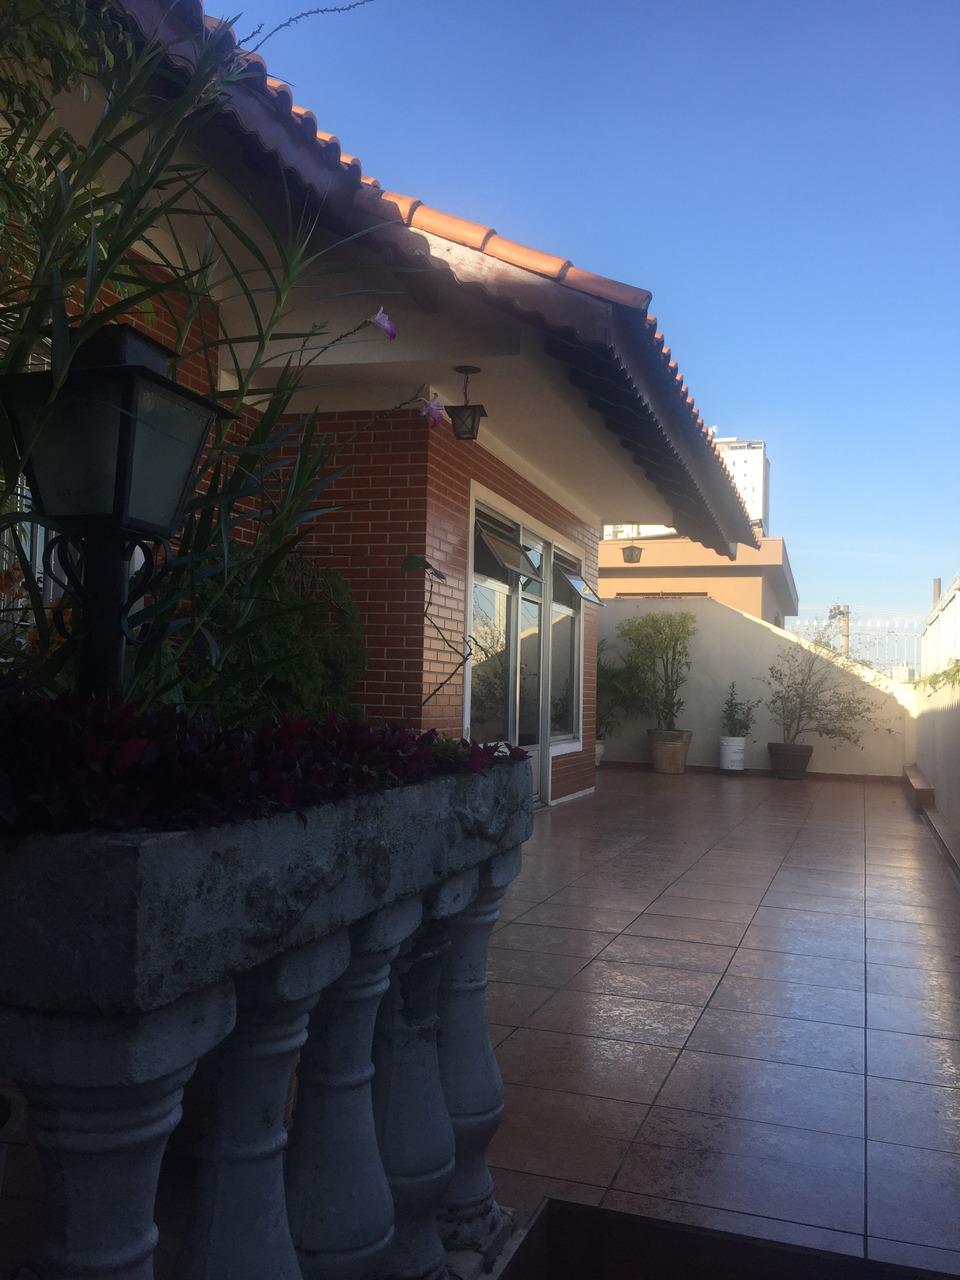 Vila Graciosa